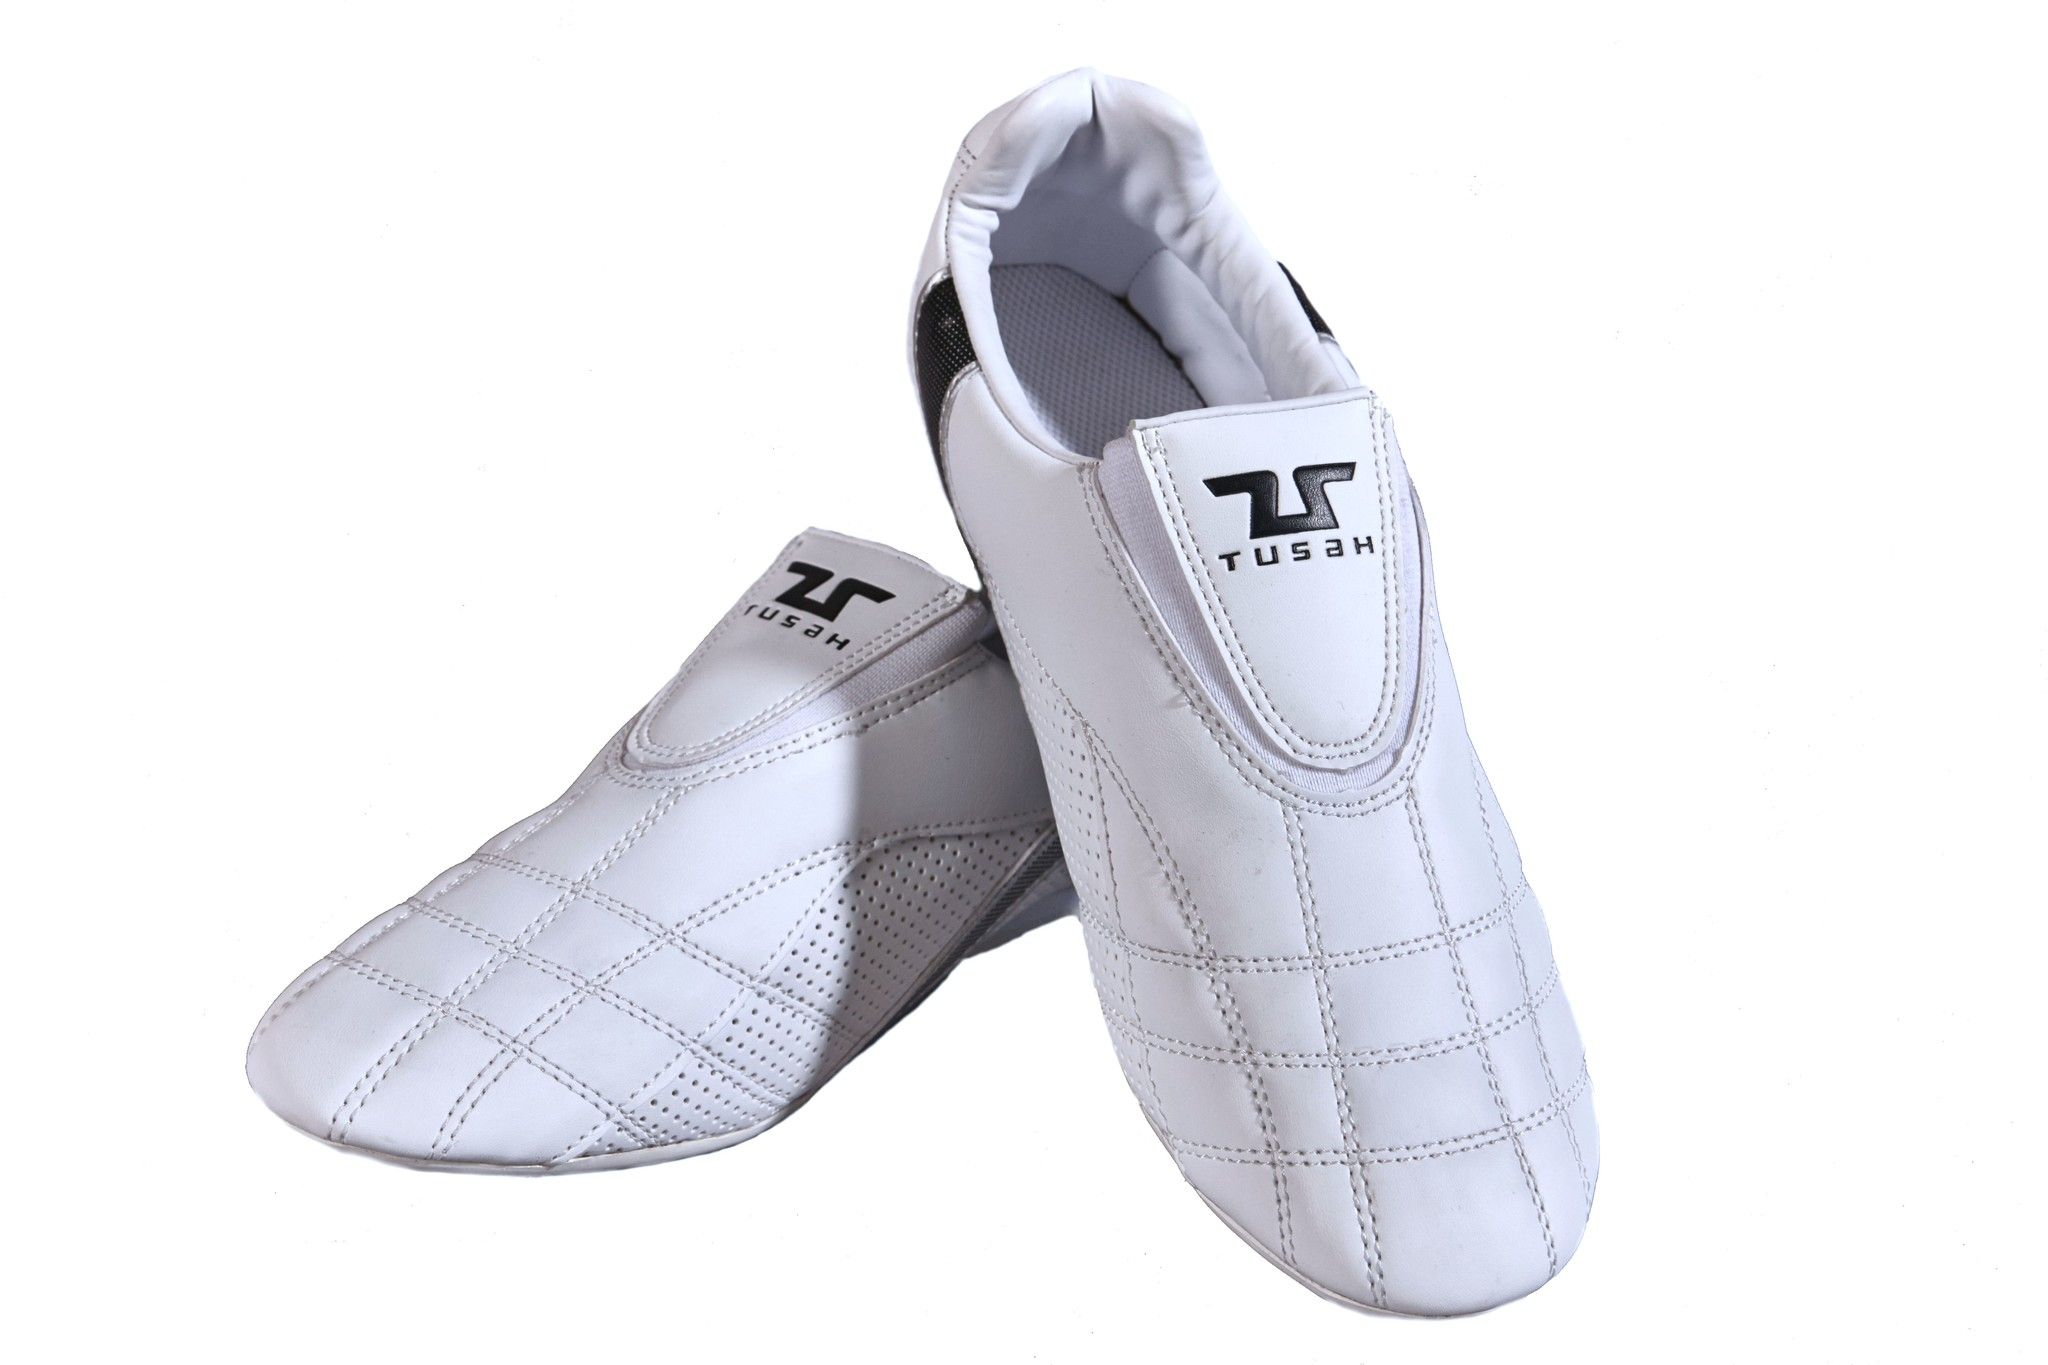 scarpe adidas arti marziali indossate